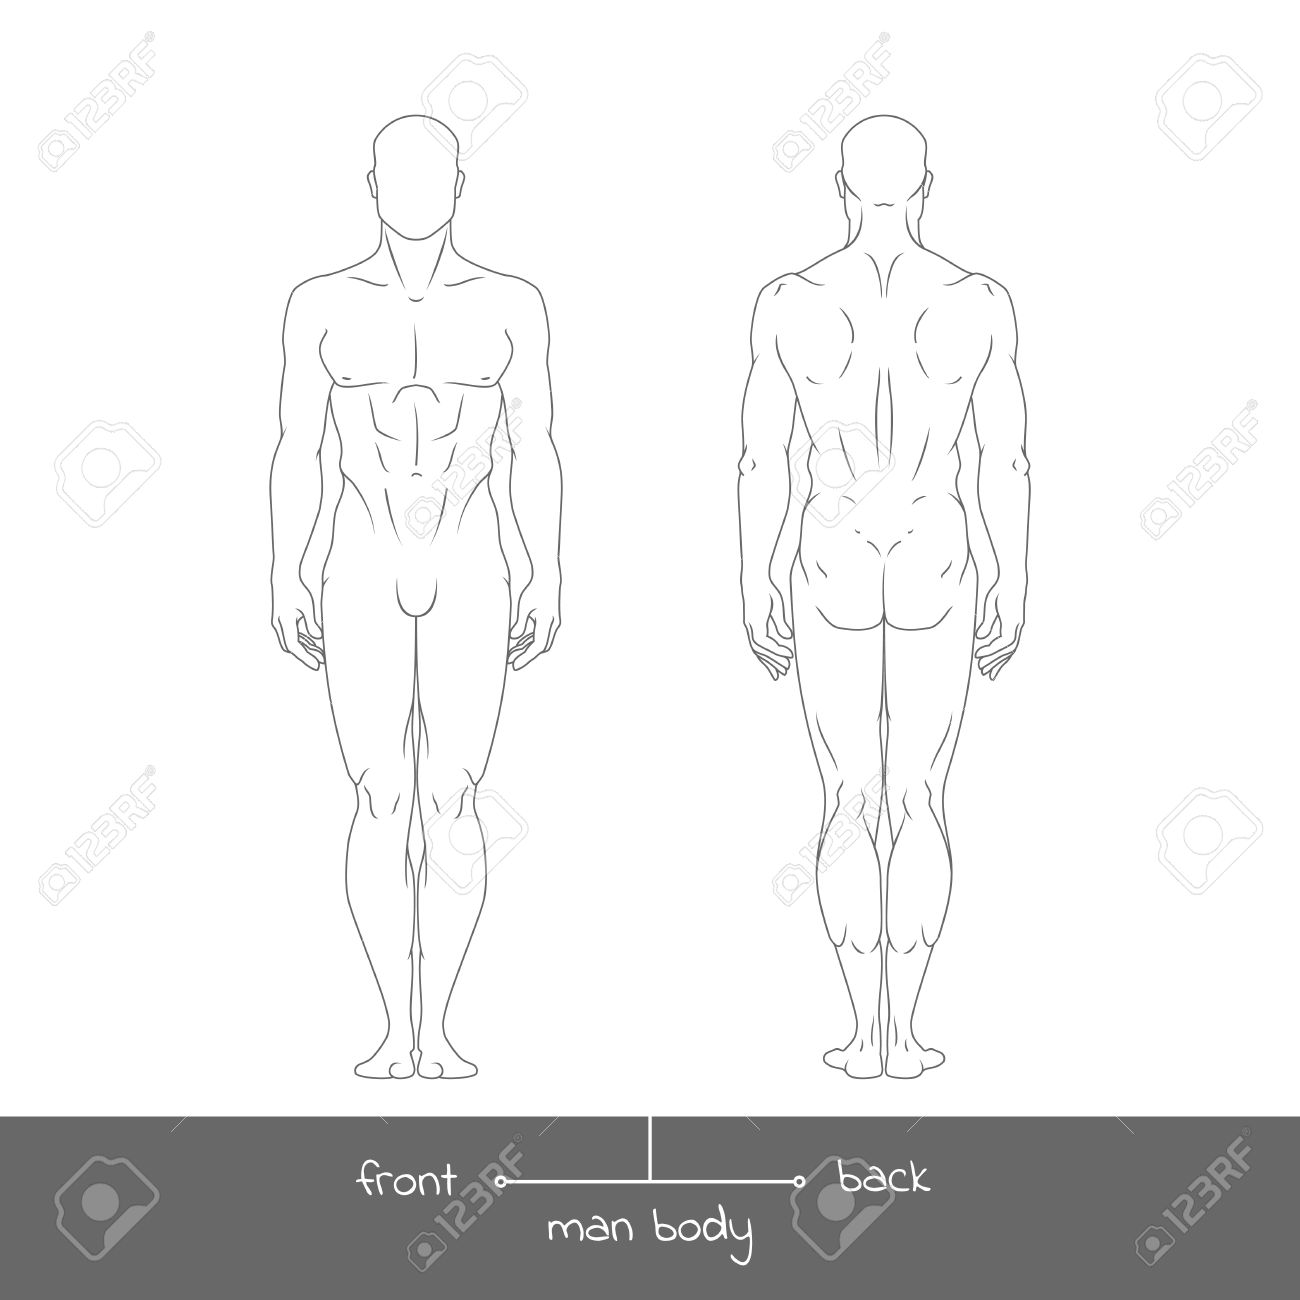 Joven Sano De La Vista Frontal Y Posterior. Musculoso Cuerpo ...